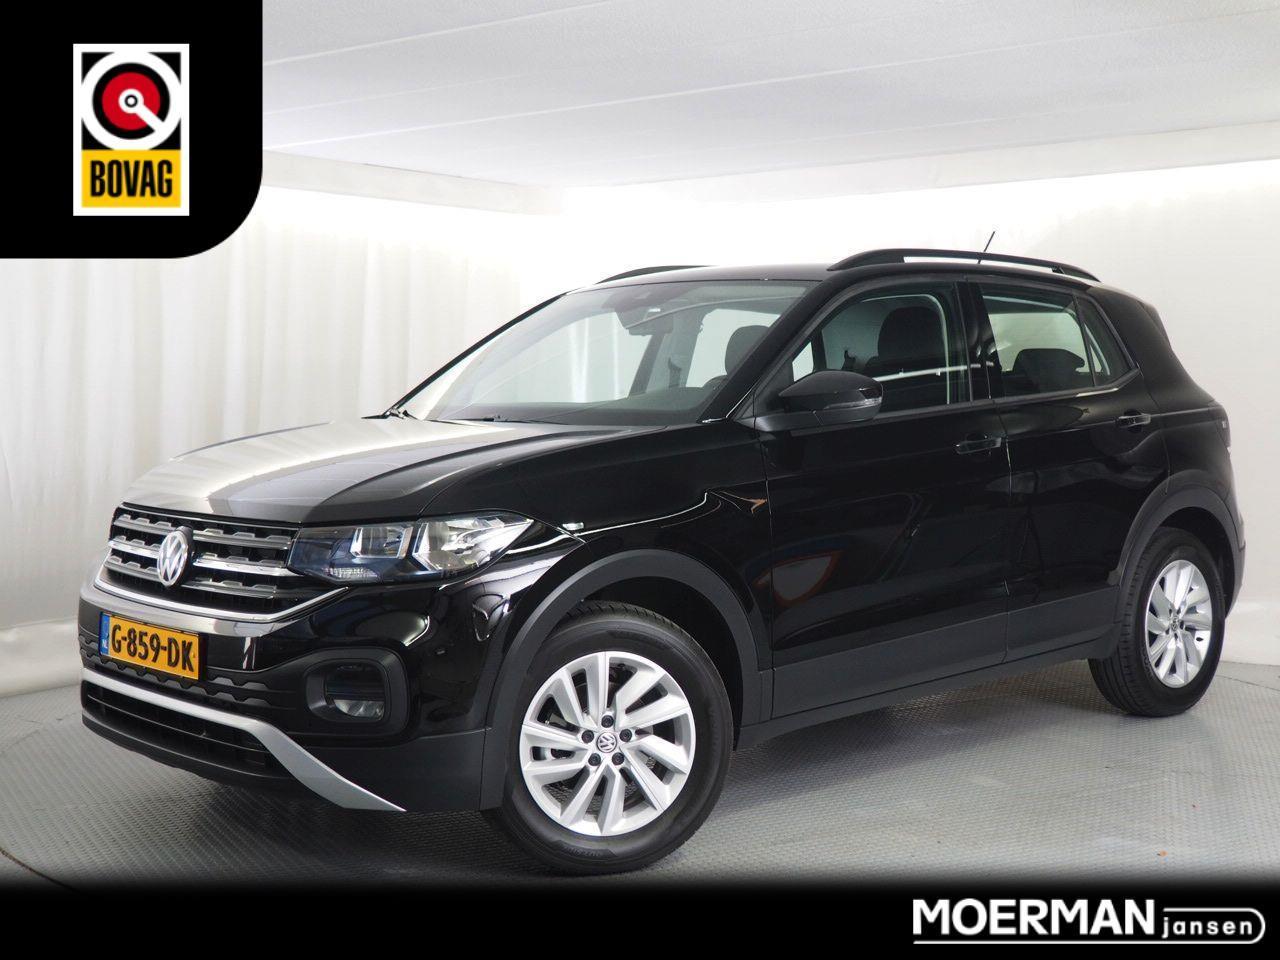 Volkswagen T-cross 1.0 tsi life / nieuw model / 2019 / slechts 1400 km / zwart  / airco /